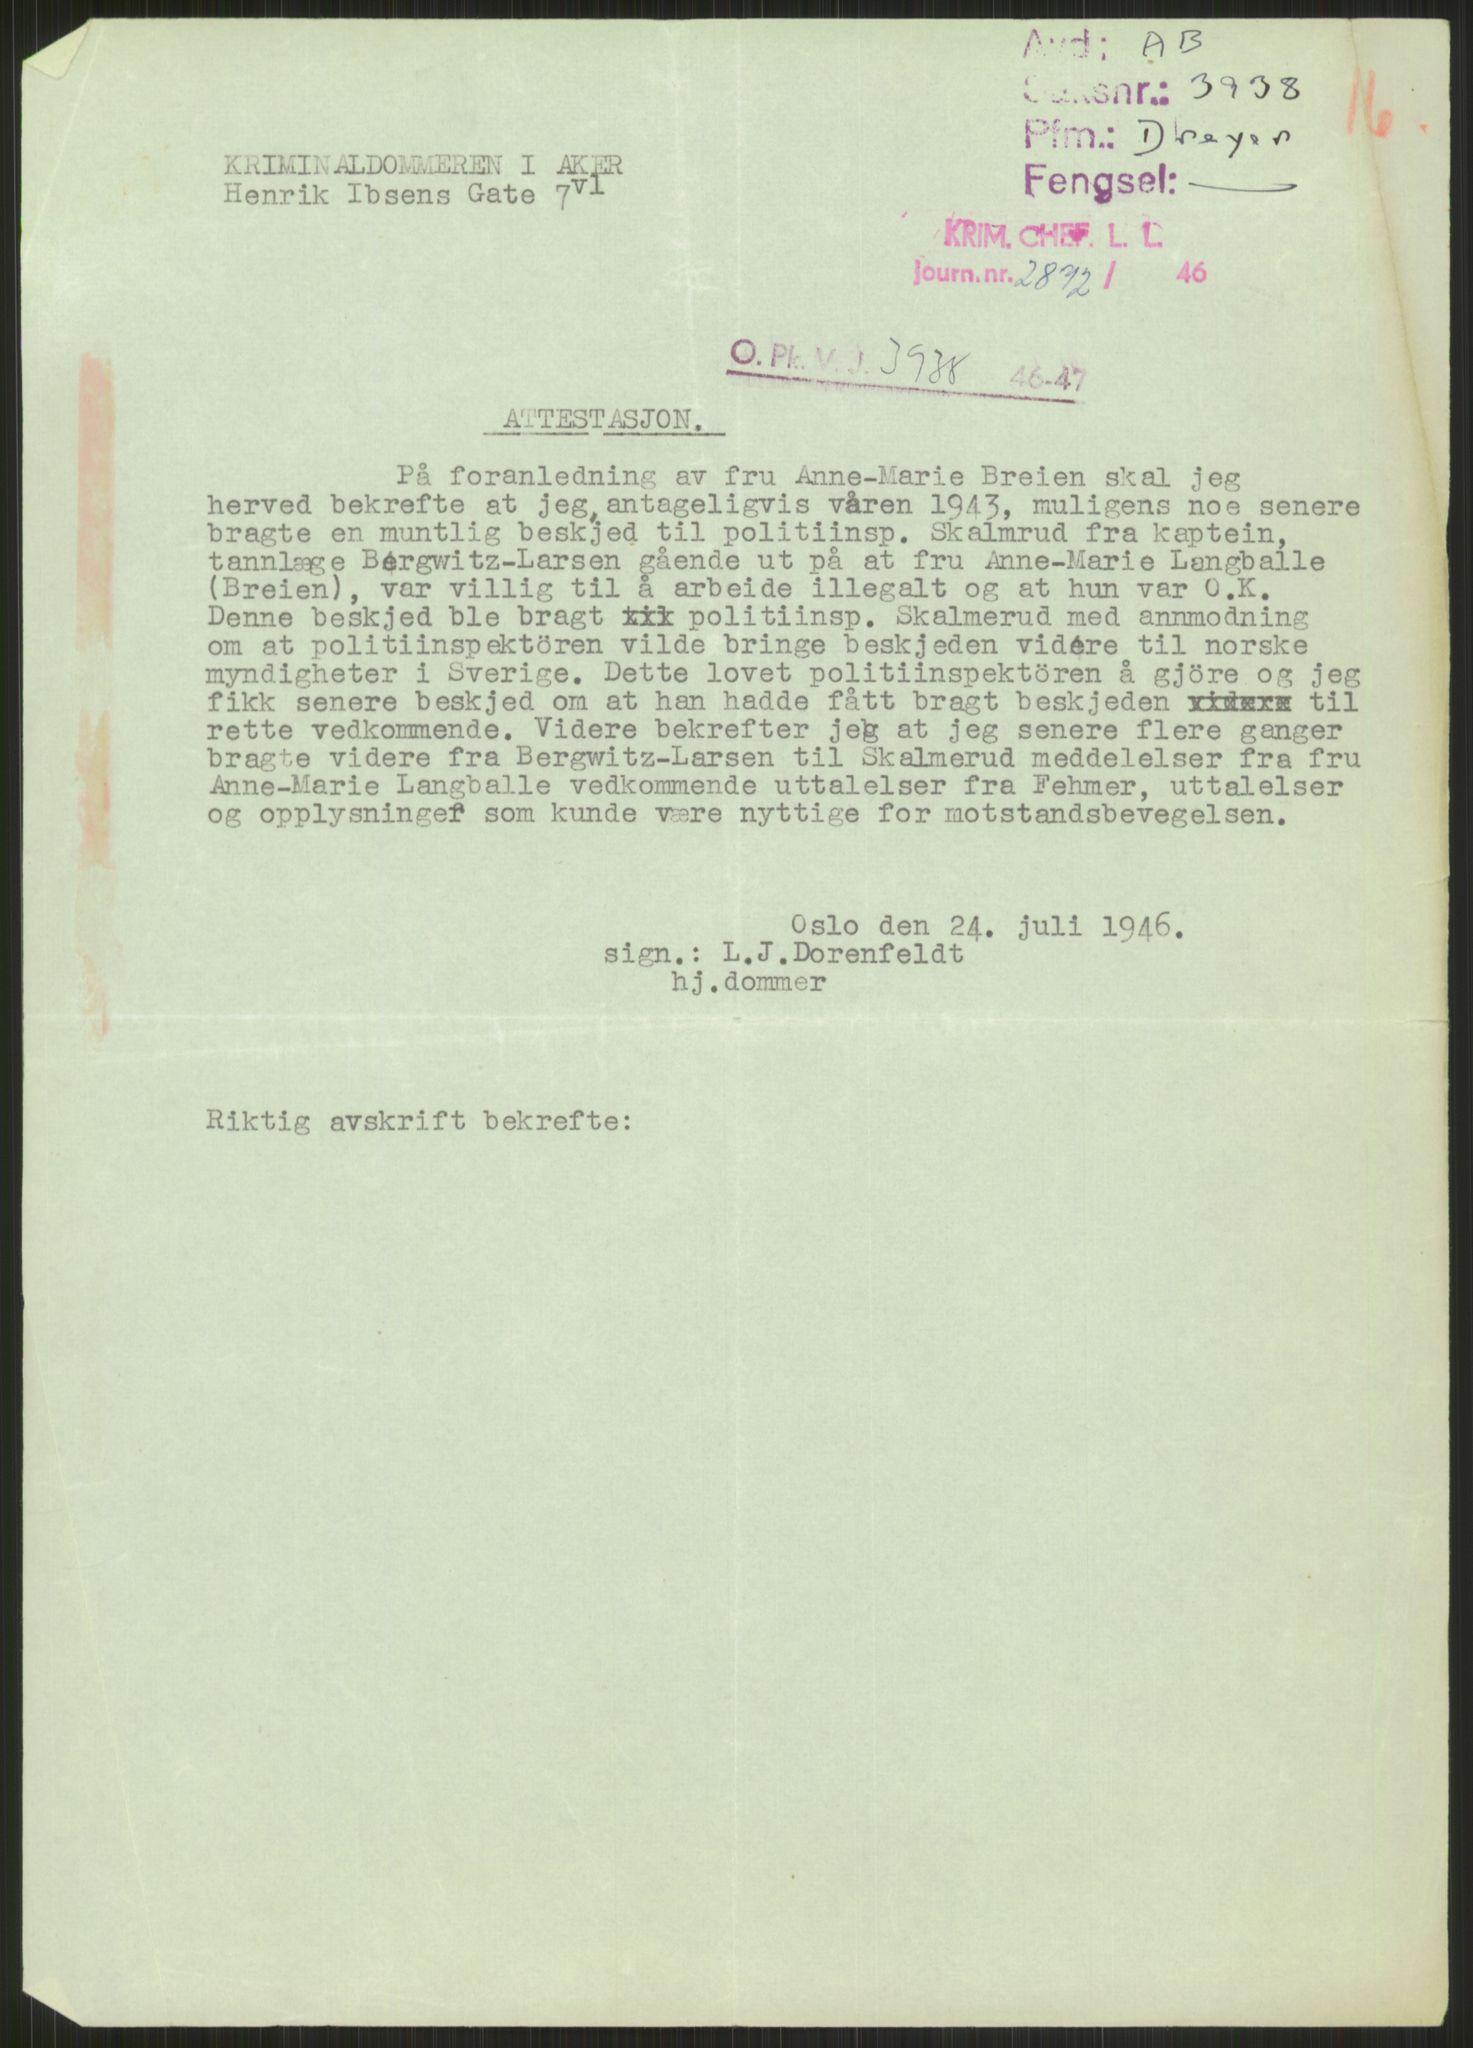 RA, Landssvikarkivet, Oslo politikammer, D/Dg/L0267: Henlagt hnr. 3658, 1945-1946, s. 255